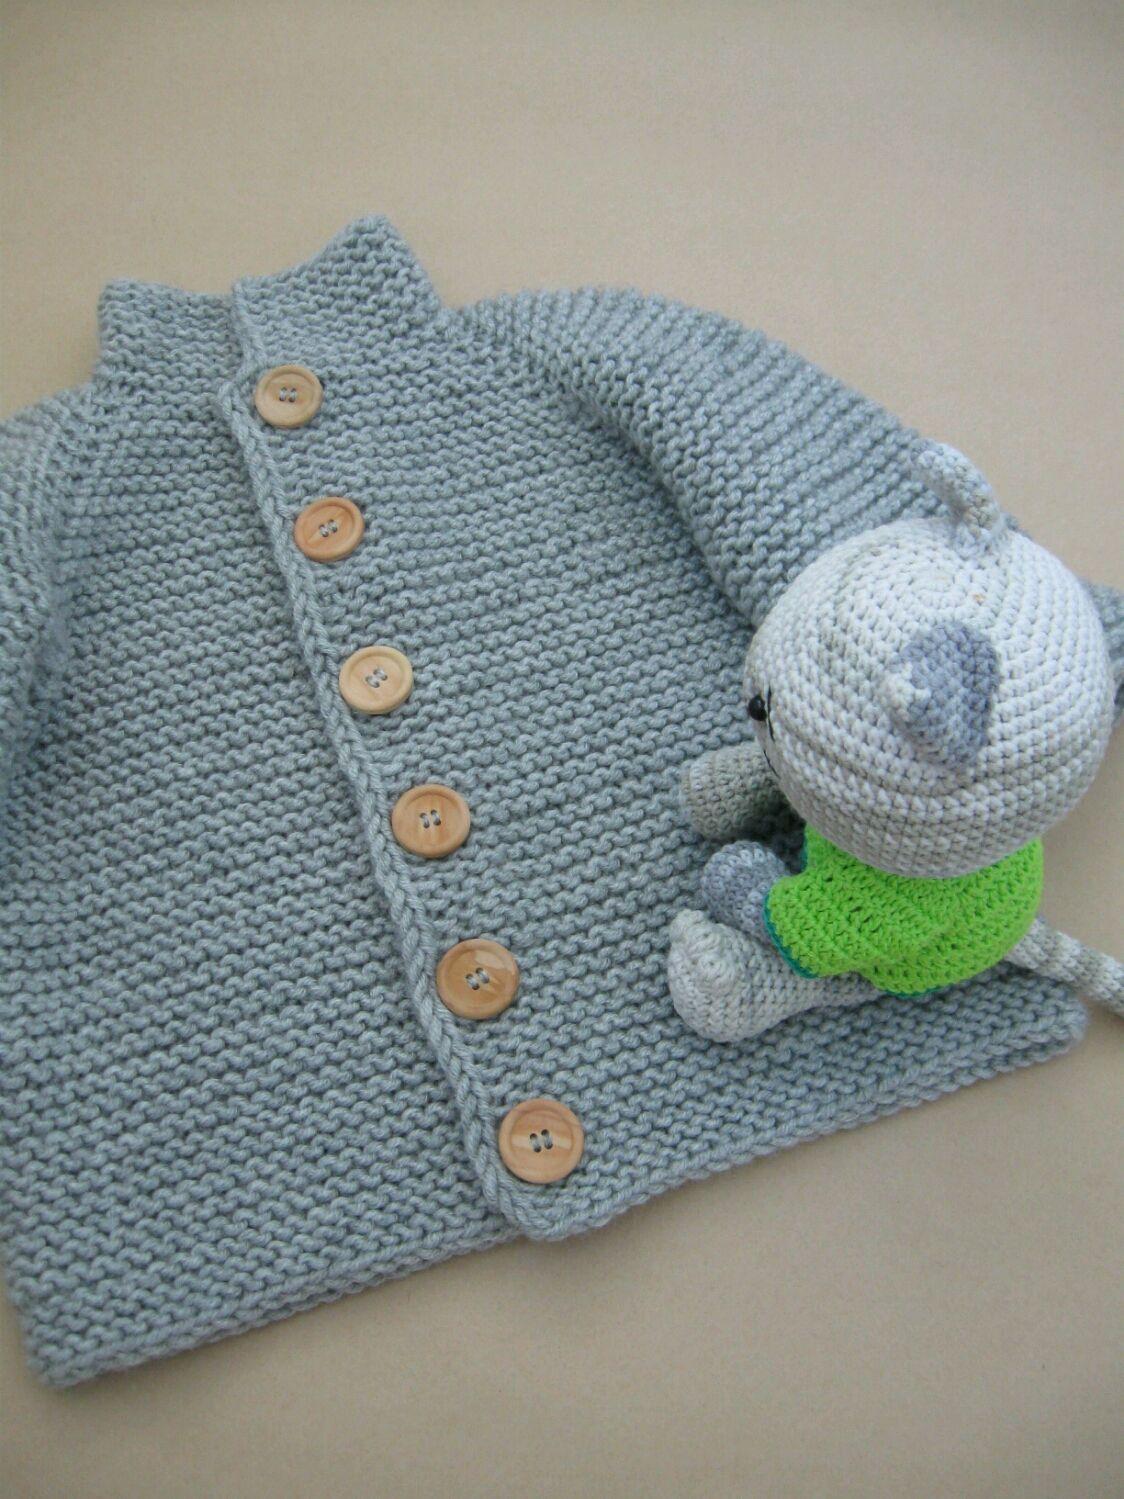 Кардиган без капюшона на мальчика 1-2 года, Одежда для мальчиков, Йошкар-Ола, Фото №1